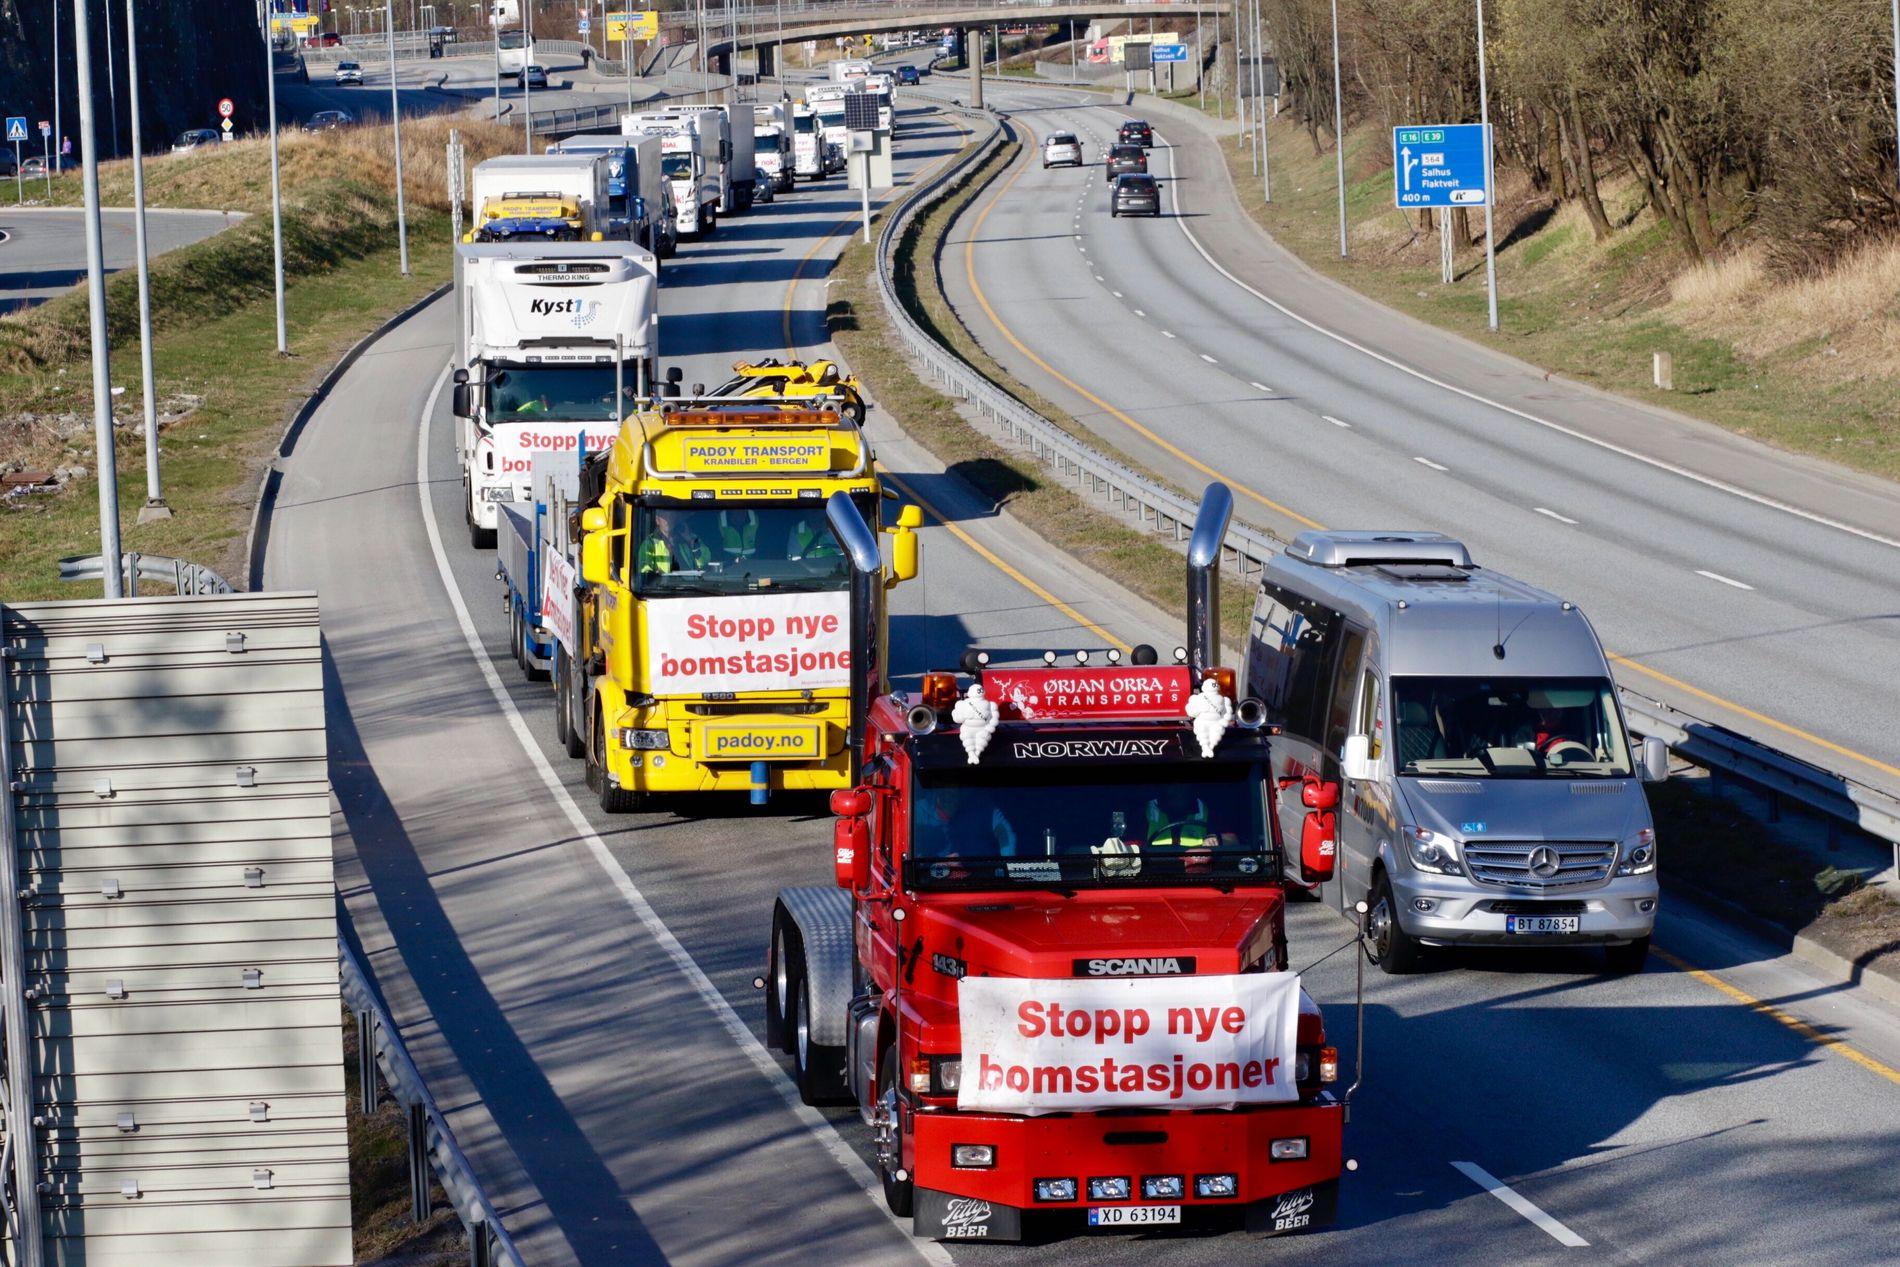 AKSJON: Onsdag 4. september skal aksjonister igjen kjøre sakte på veiene i Bergen, i protest mot bompenger. Bildet er fra en av de tidligere aksjonene til «Nok er nok».